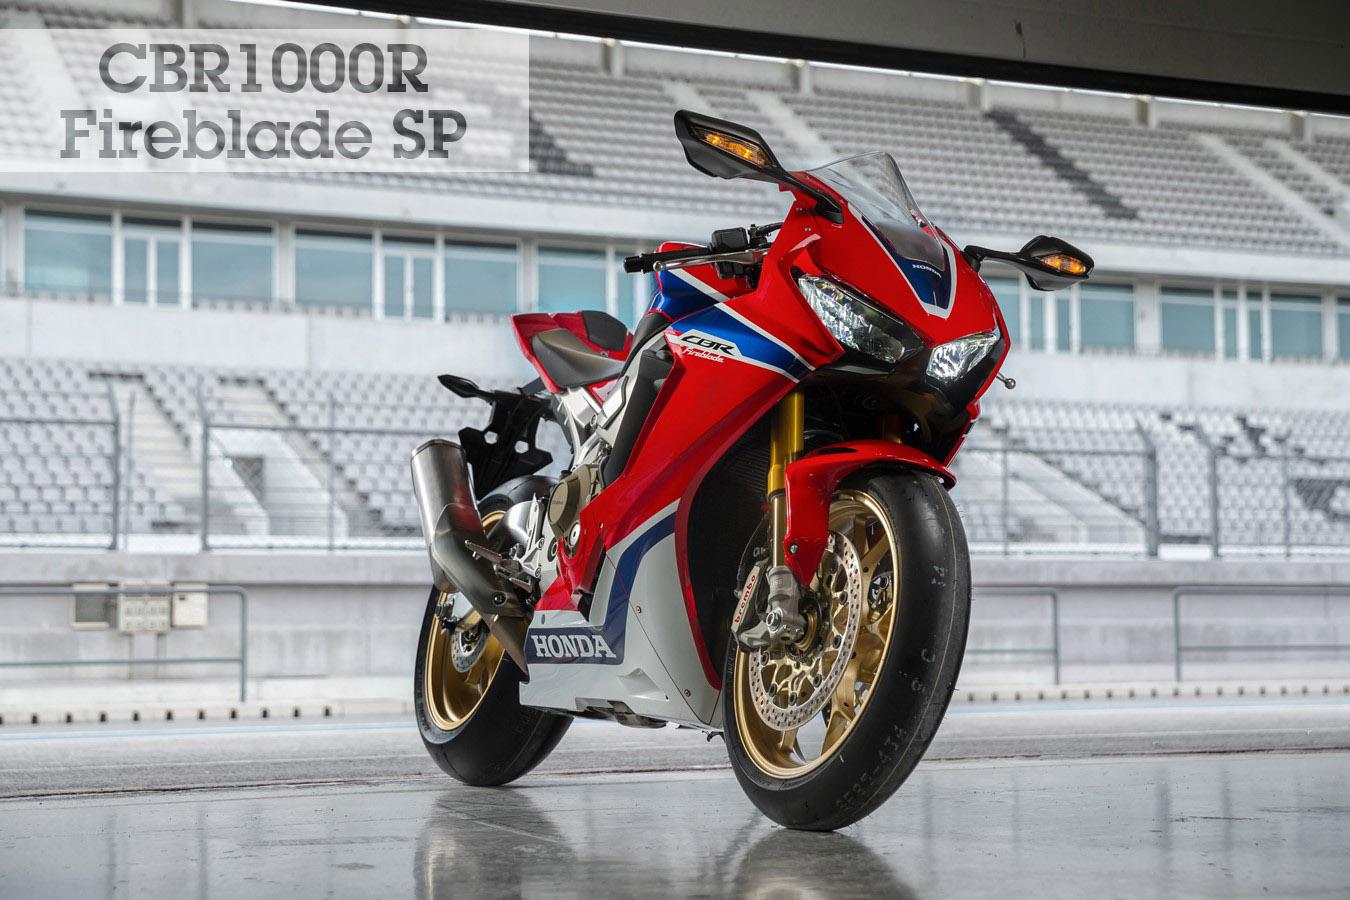 Honda CBR1000R Fireblade SP